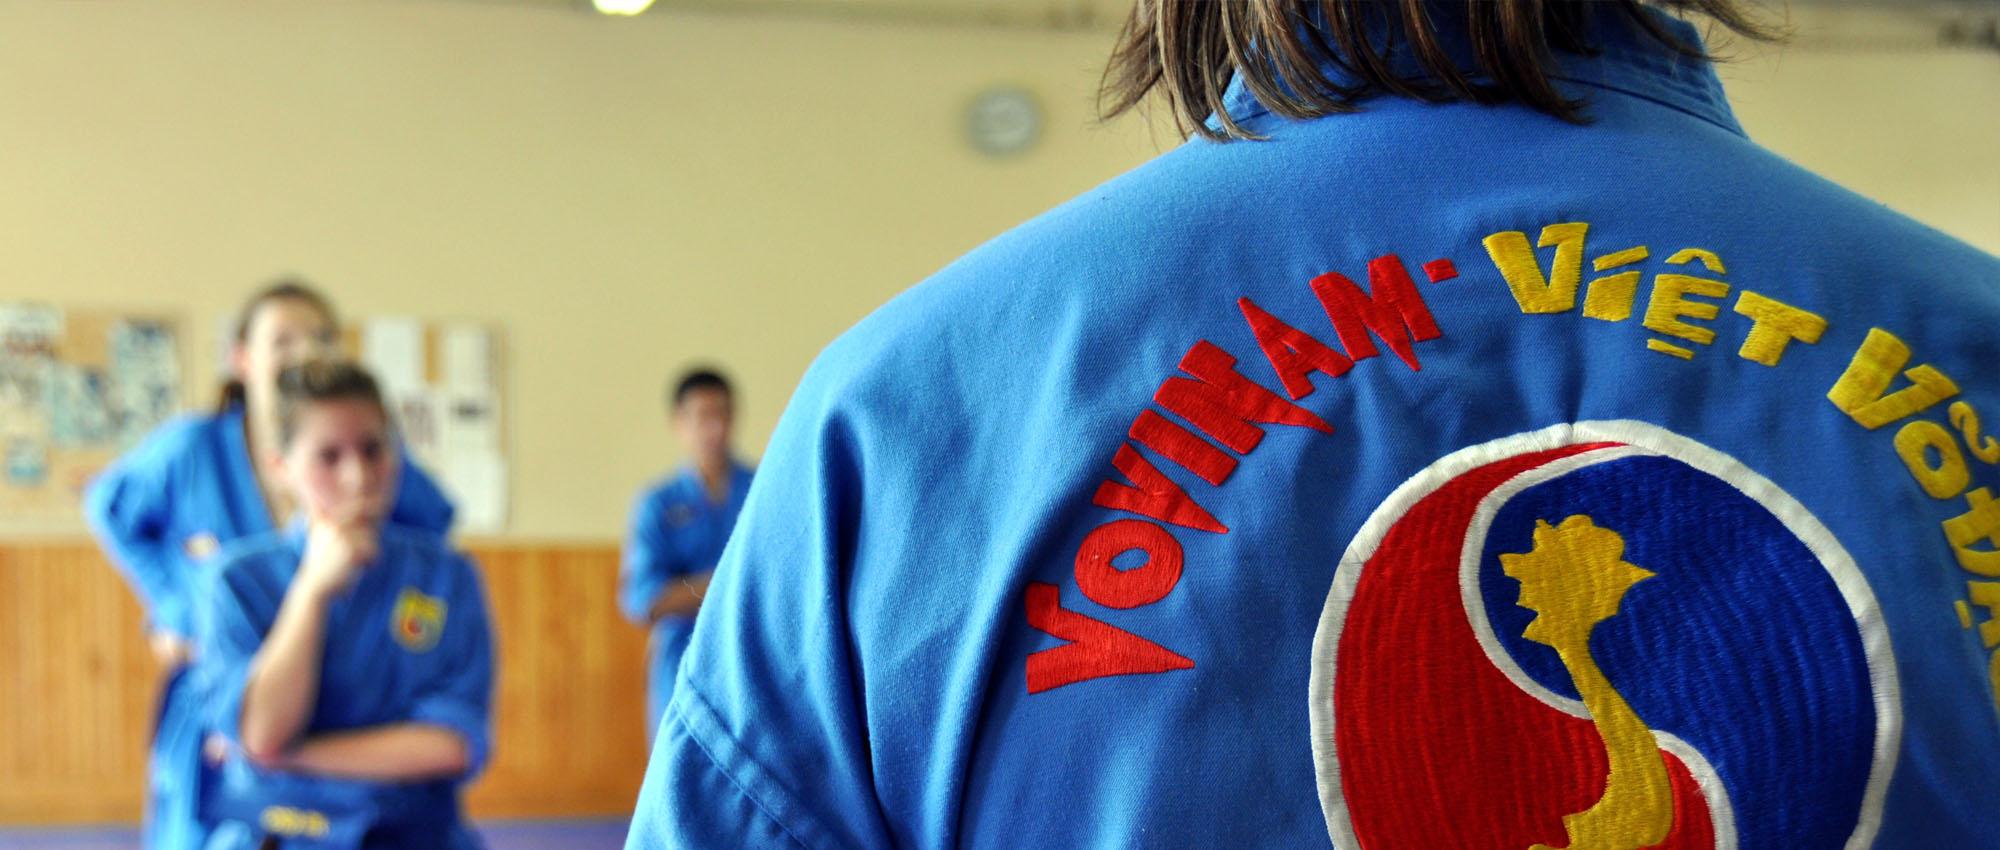 Cours adultes à Vovinam Rosny